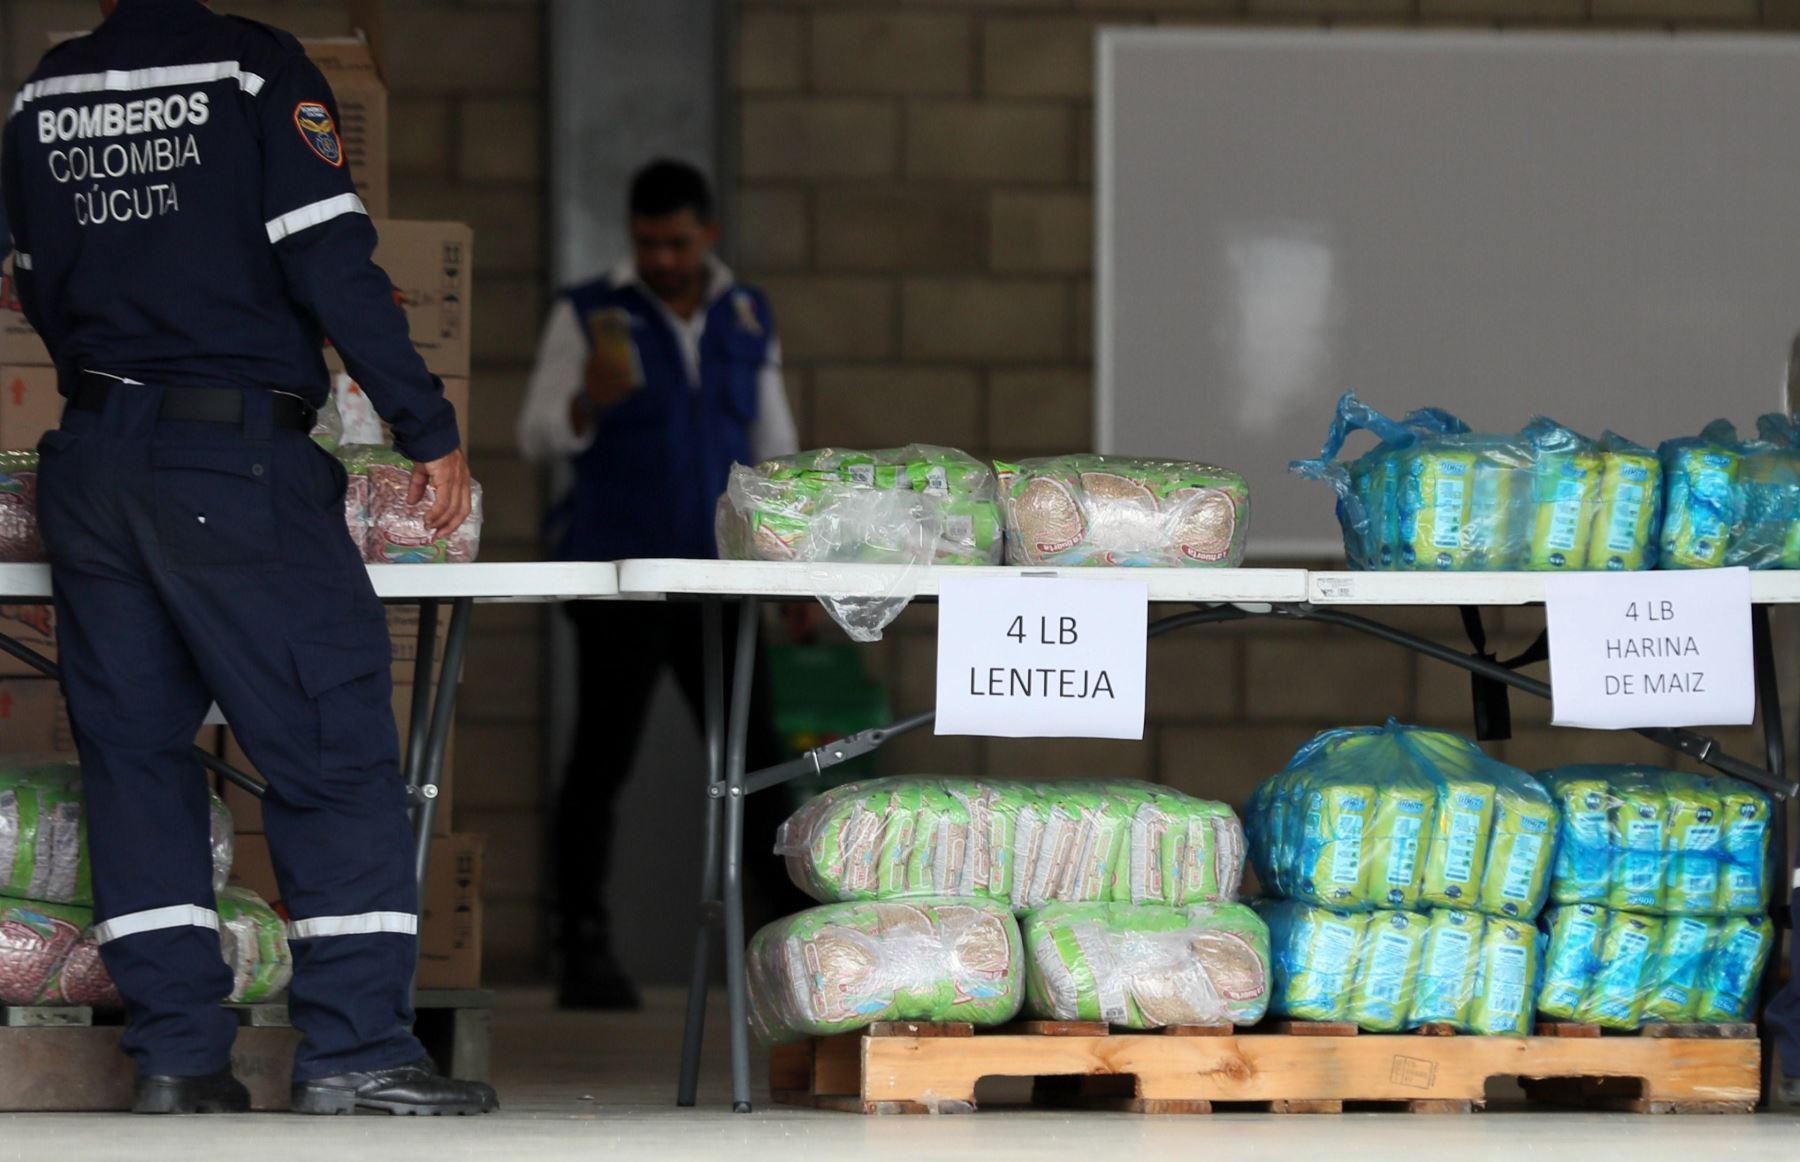 Los primeros camiones con la ayuda humanitaria llegaron ayer a Cúcuta, donde se trabaja en la logística para su entrega. EFE